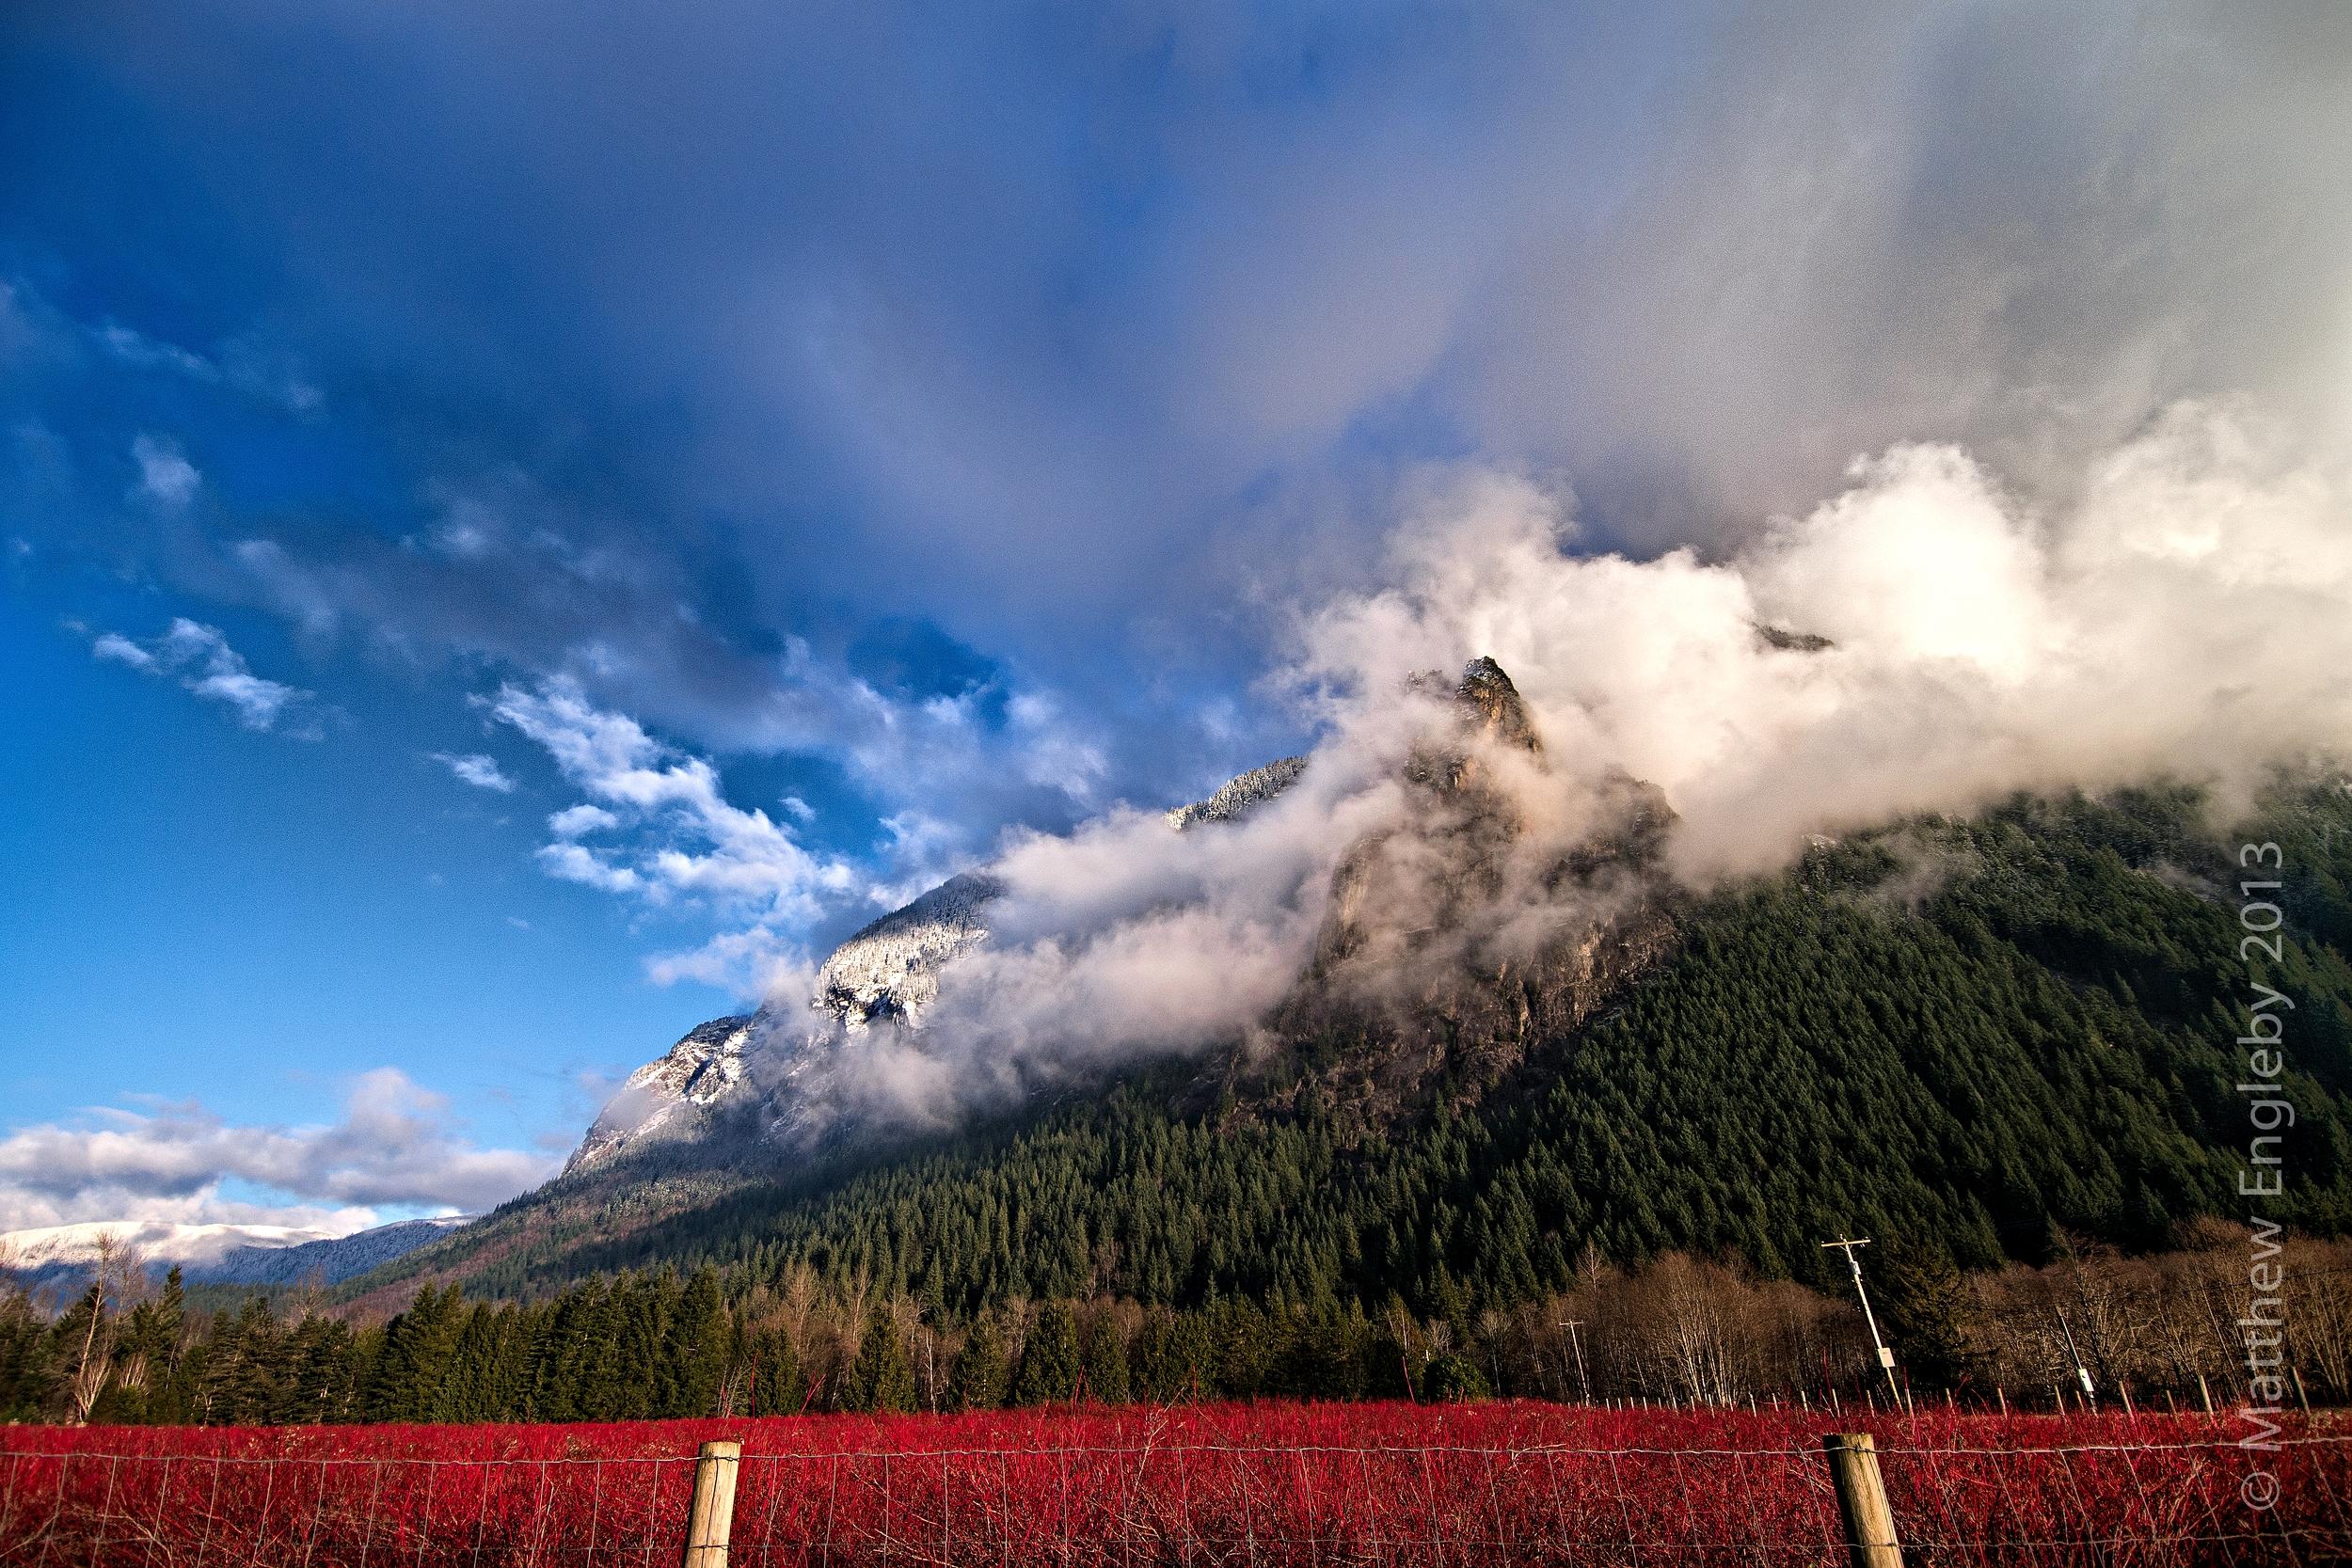 Landscape west of Seattle, Washington.